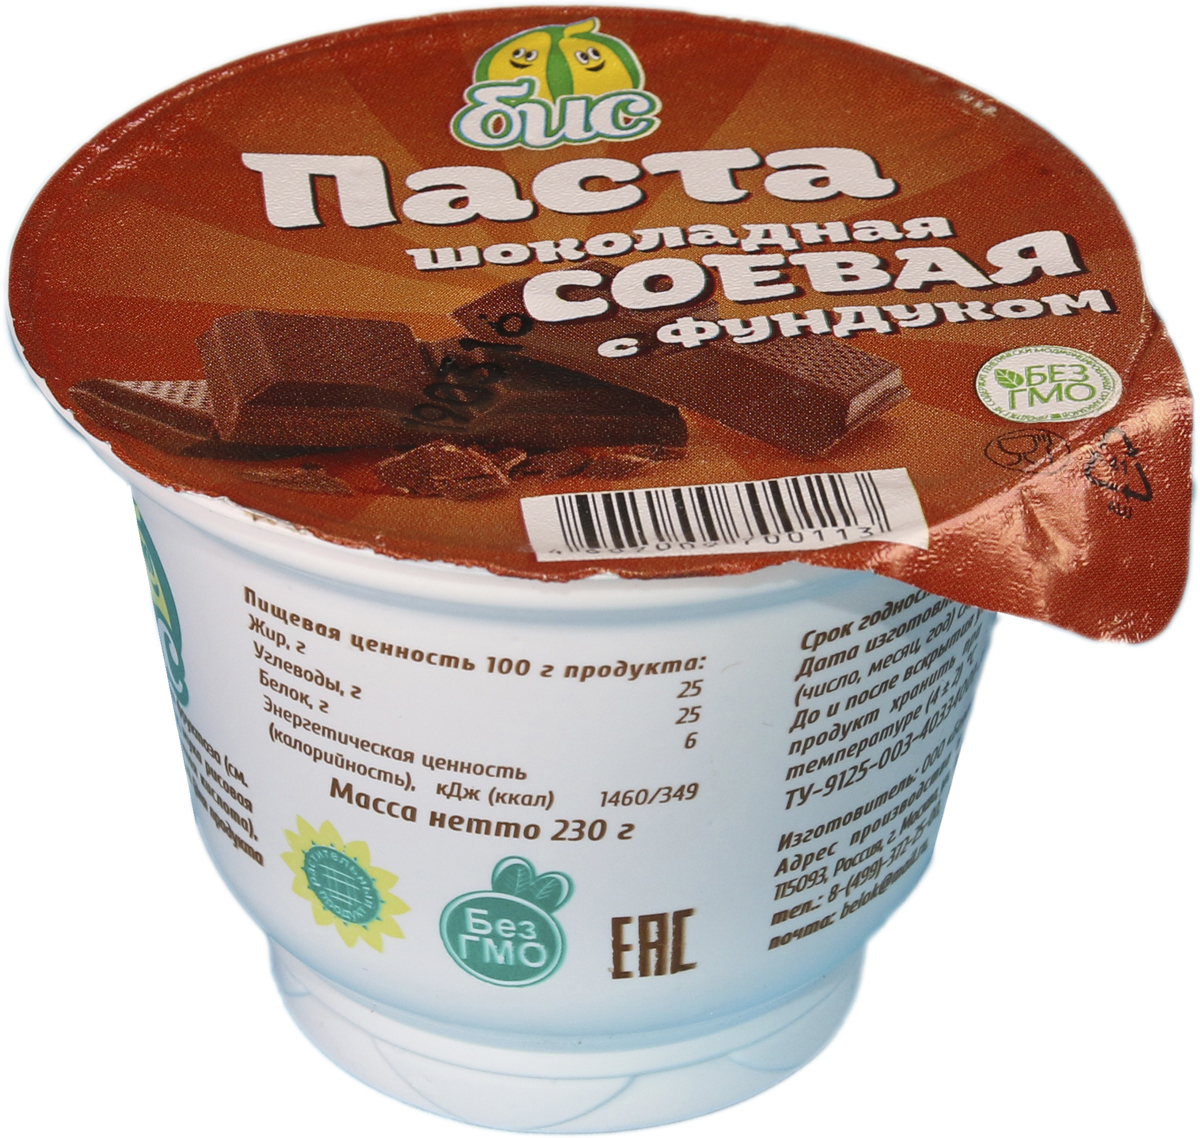 Боб и Соя Шоколадная паста соевая с фундуком 25%, 230 г паста соевая weishenhe кочудян 500 мл экономичная упаковка